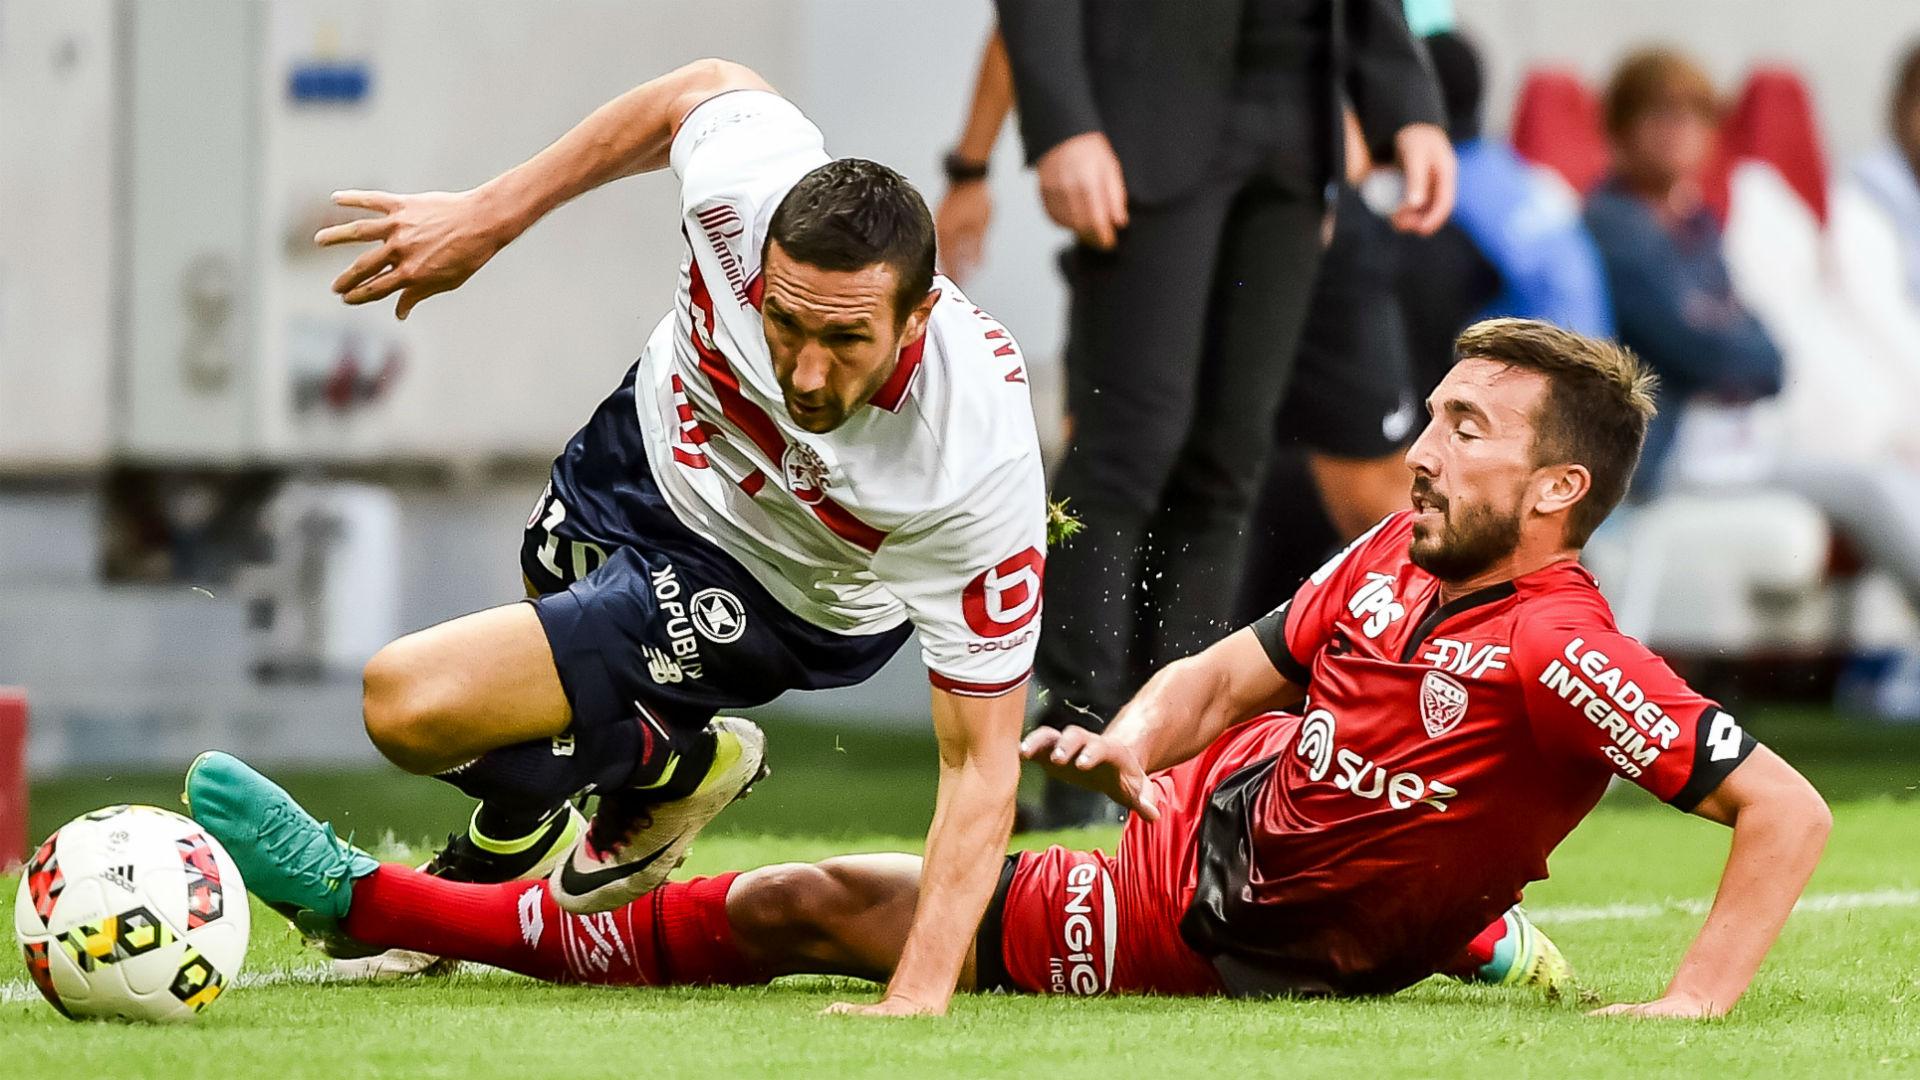 lille 1 - 0 dijon r u00e9sum u00e9 du match 20  08  16 ligue 1